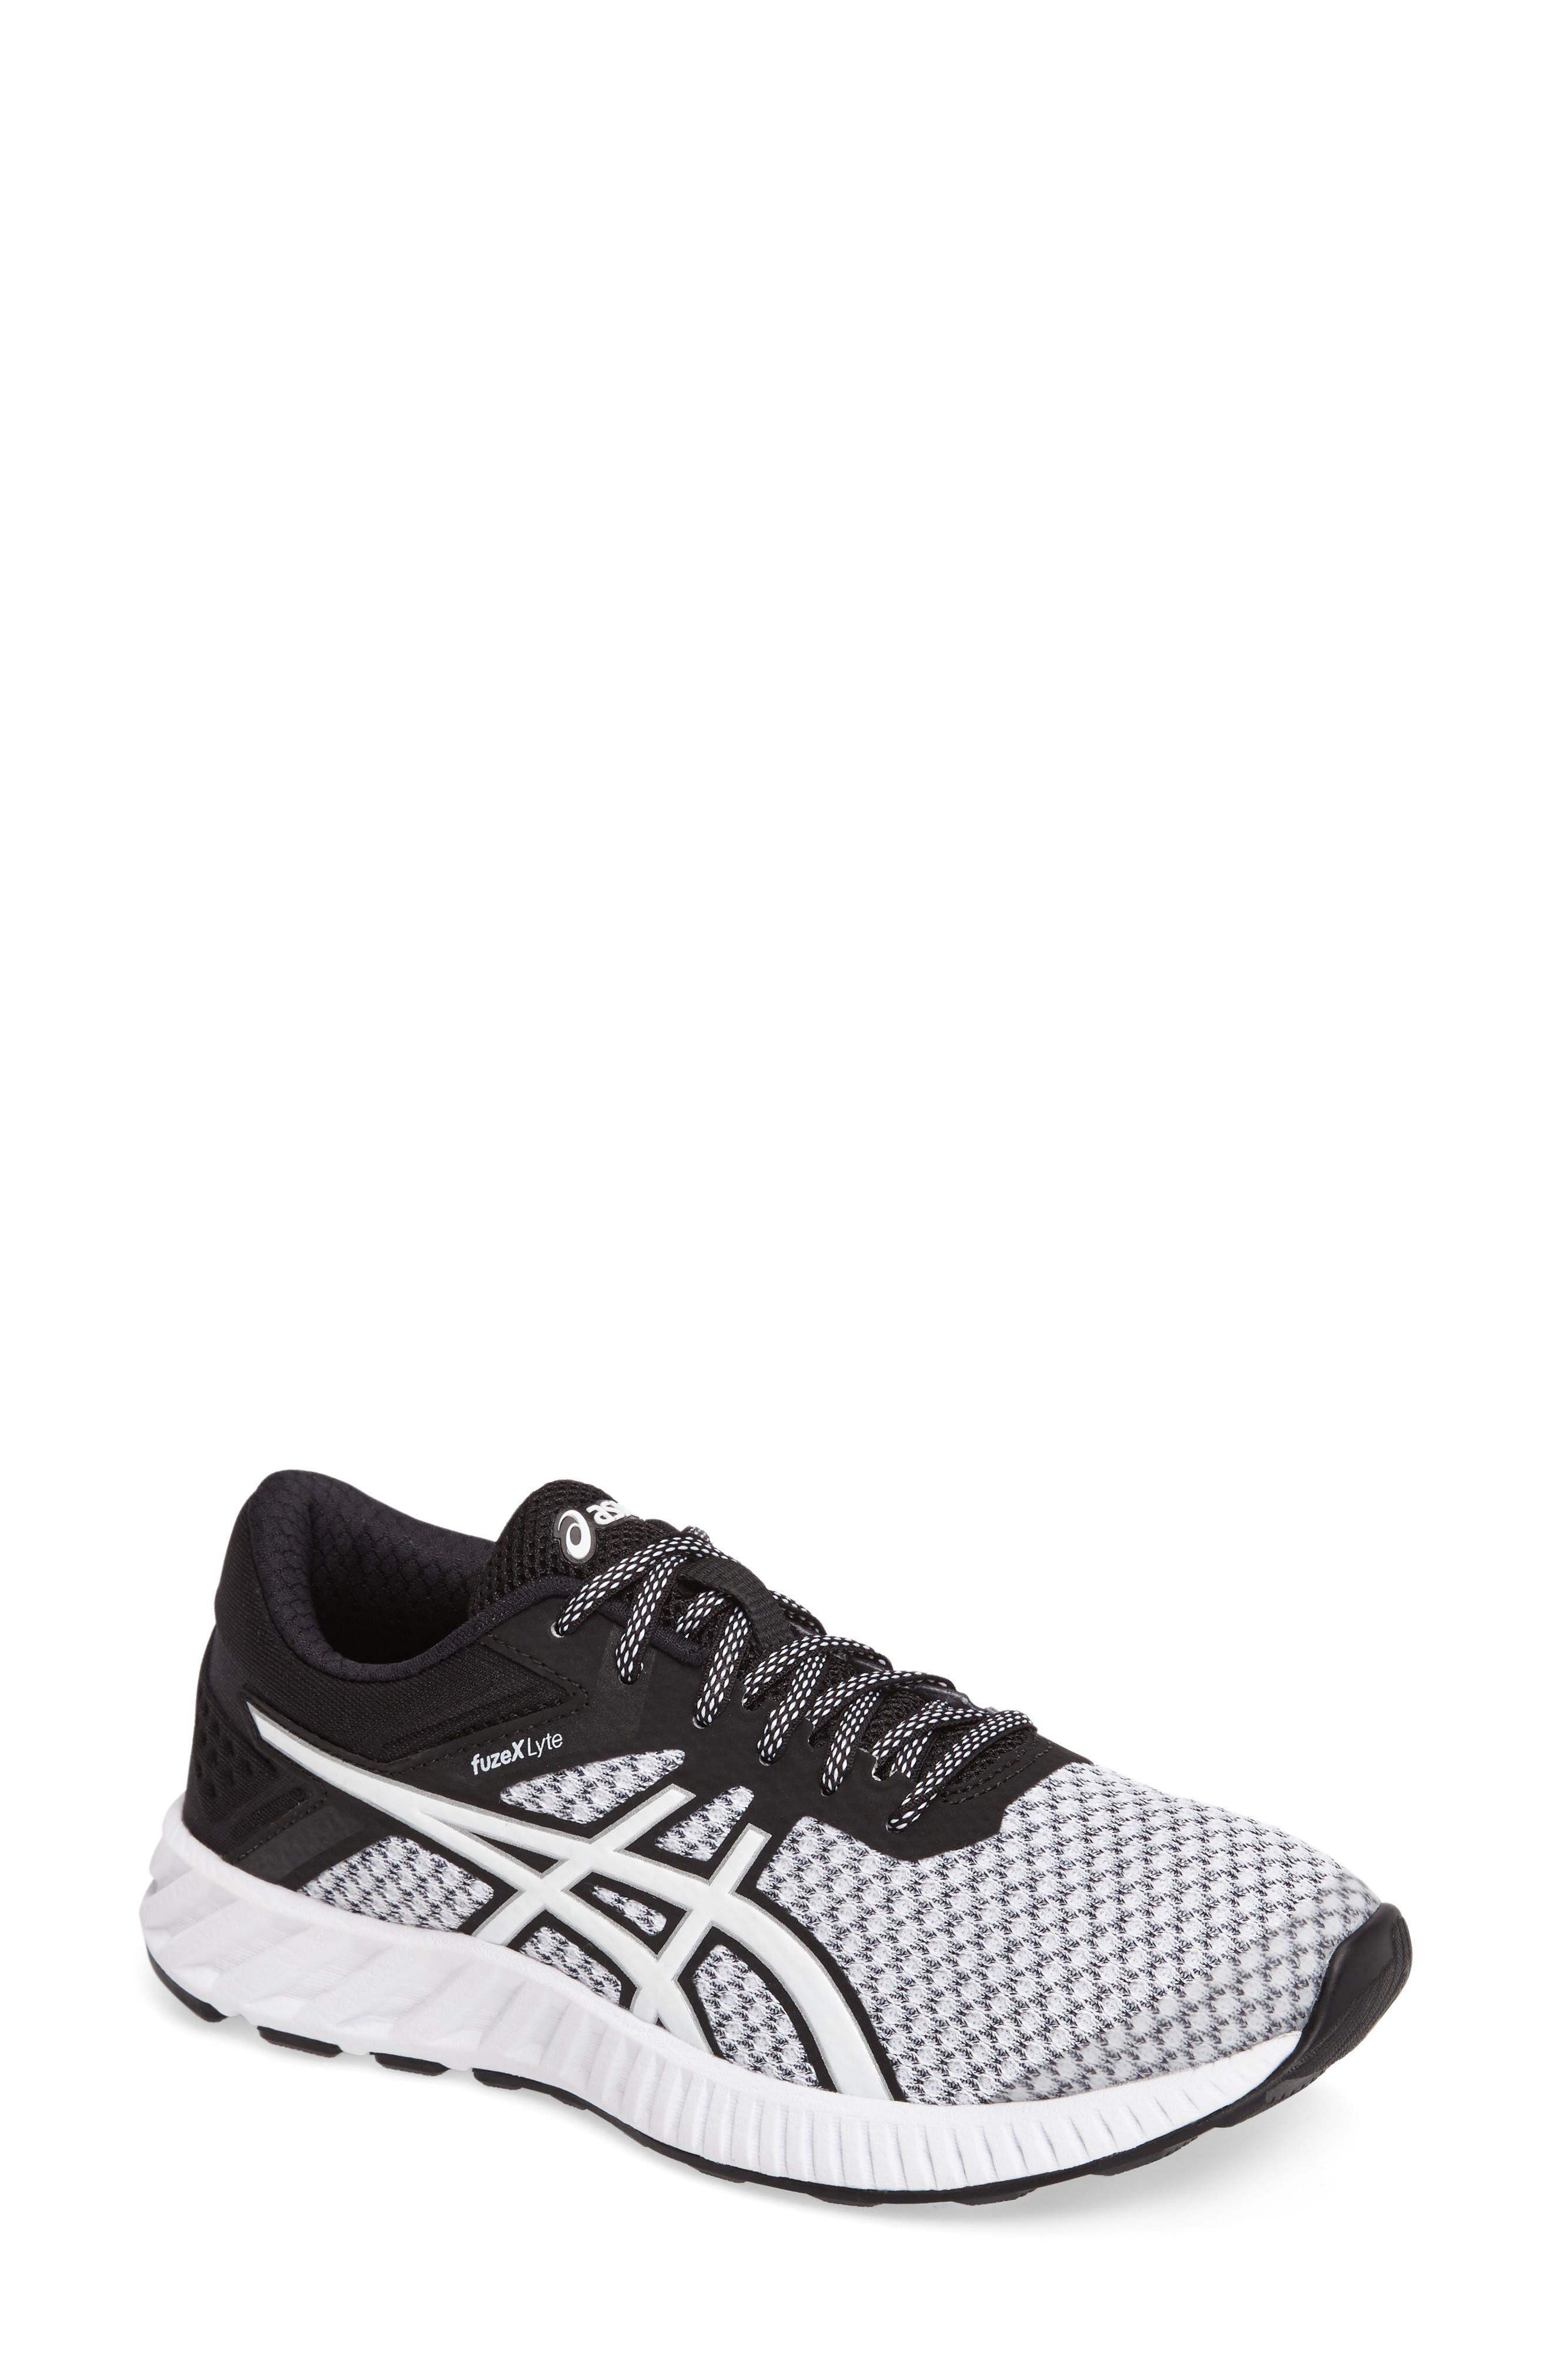 FuzeX Lyte 2 Running Shoe,                             Main thumbnail 1, color,                             White/ Black/ Silver